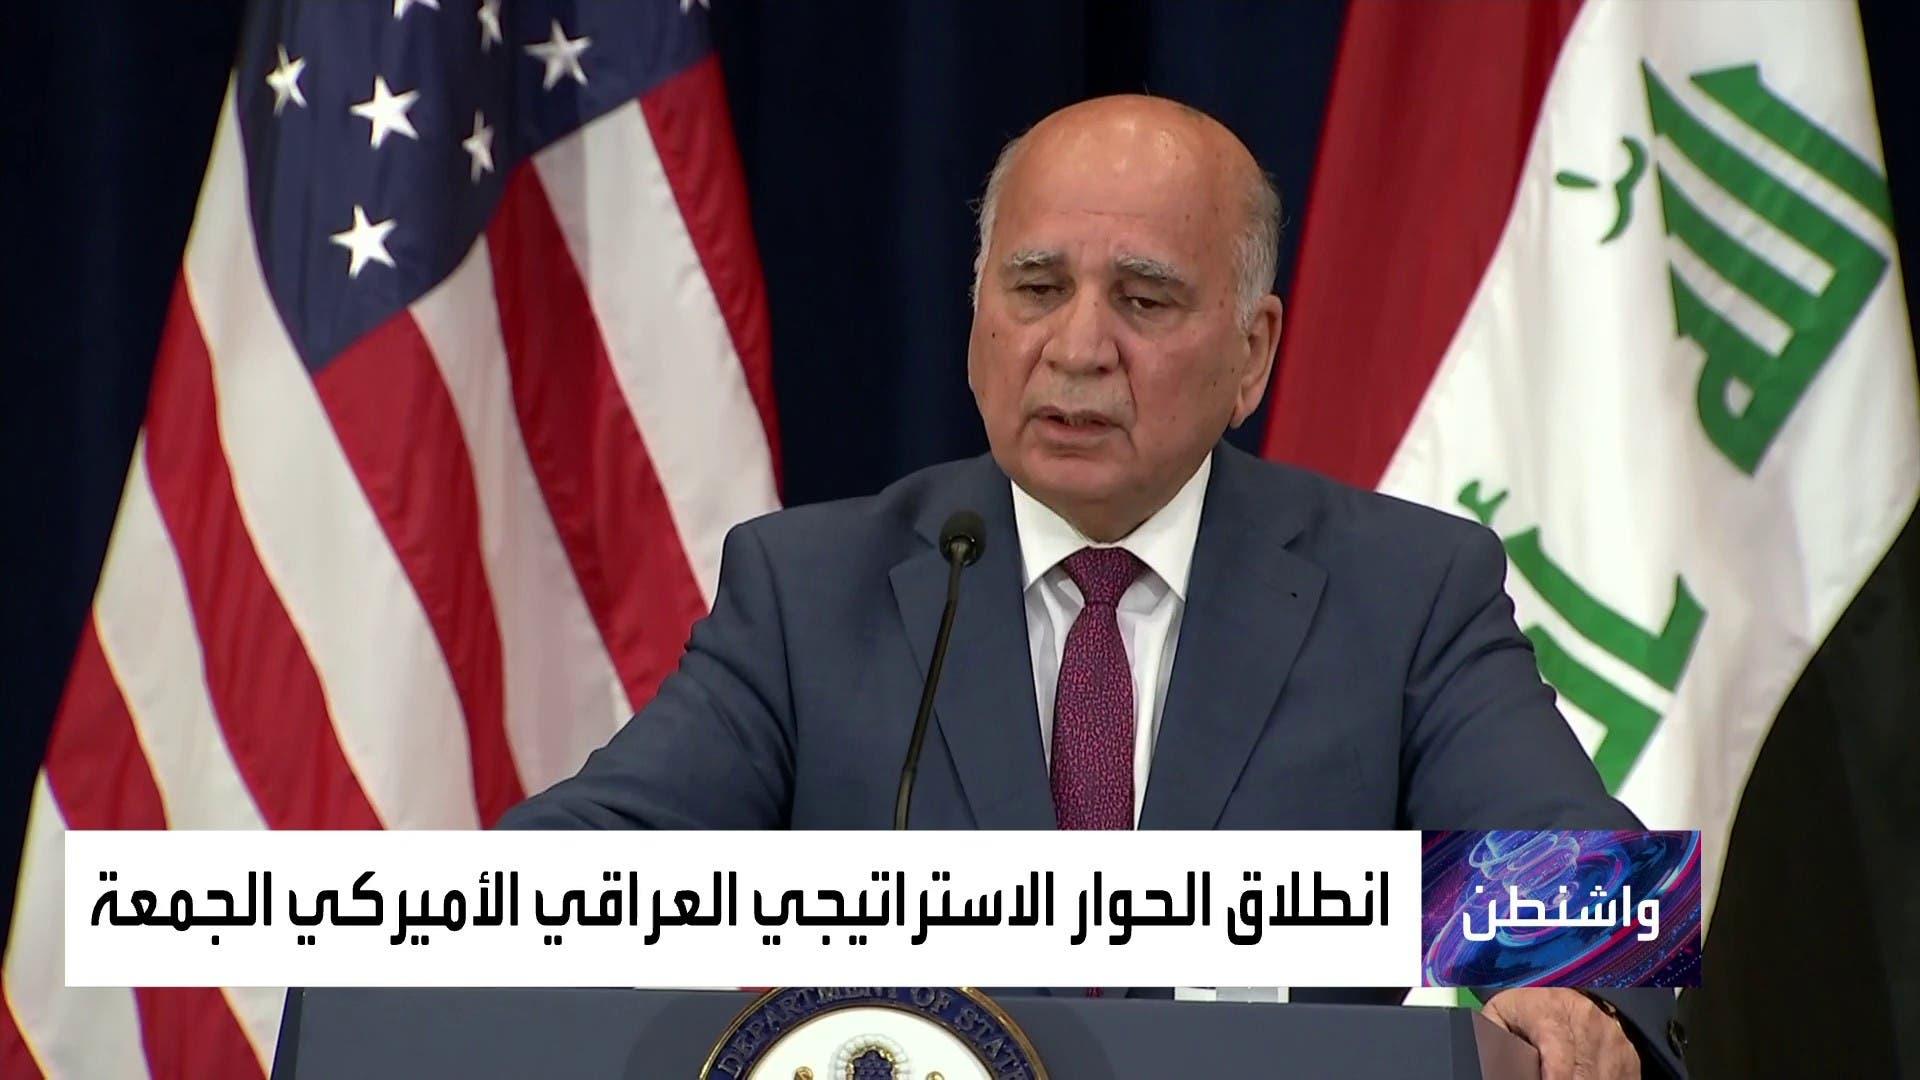 انطلاق الجولة الأخيرة من الحوار الاستراتيجي العراقي الأميركي